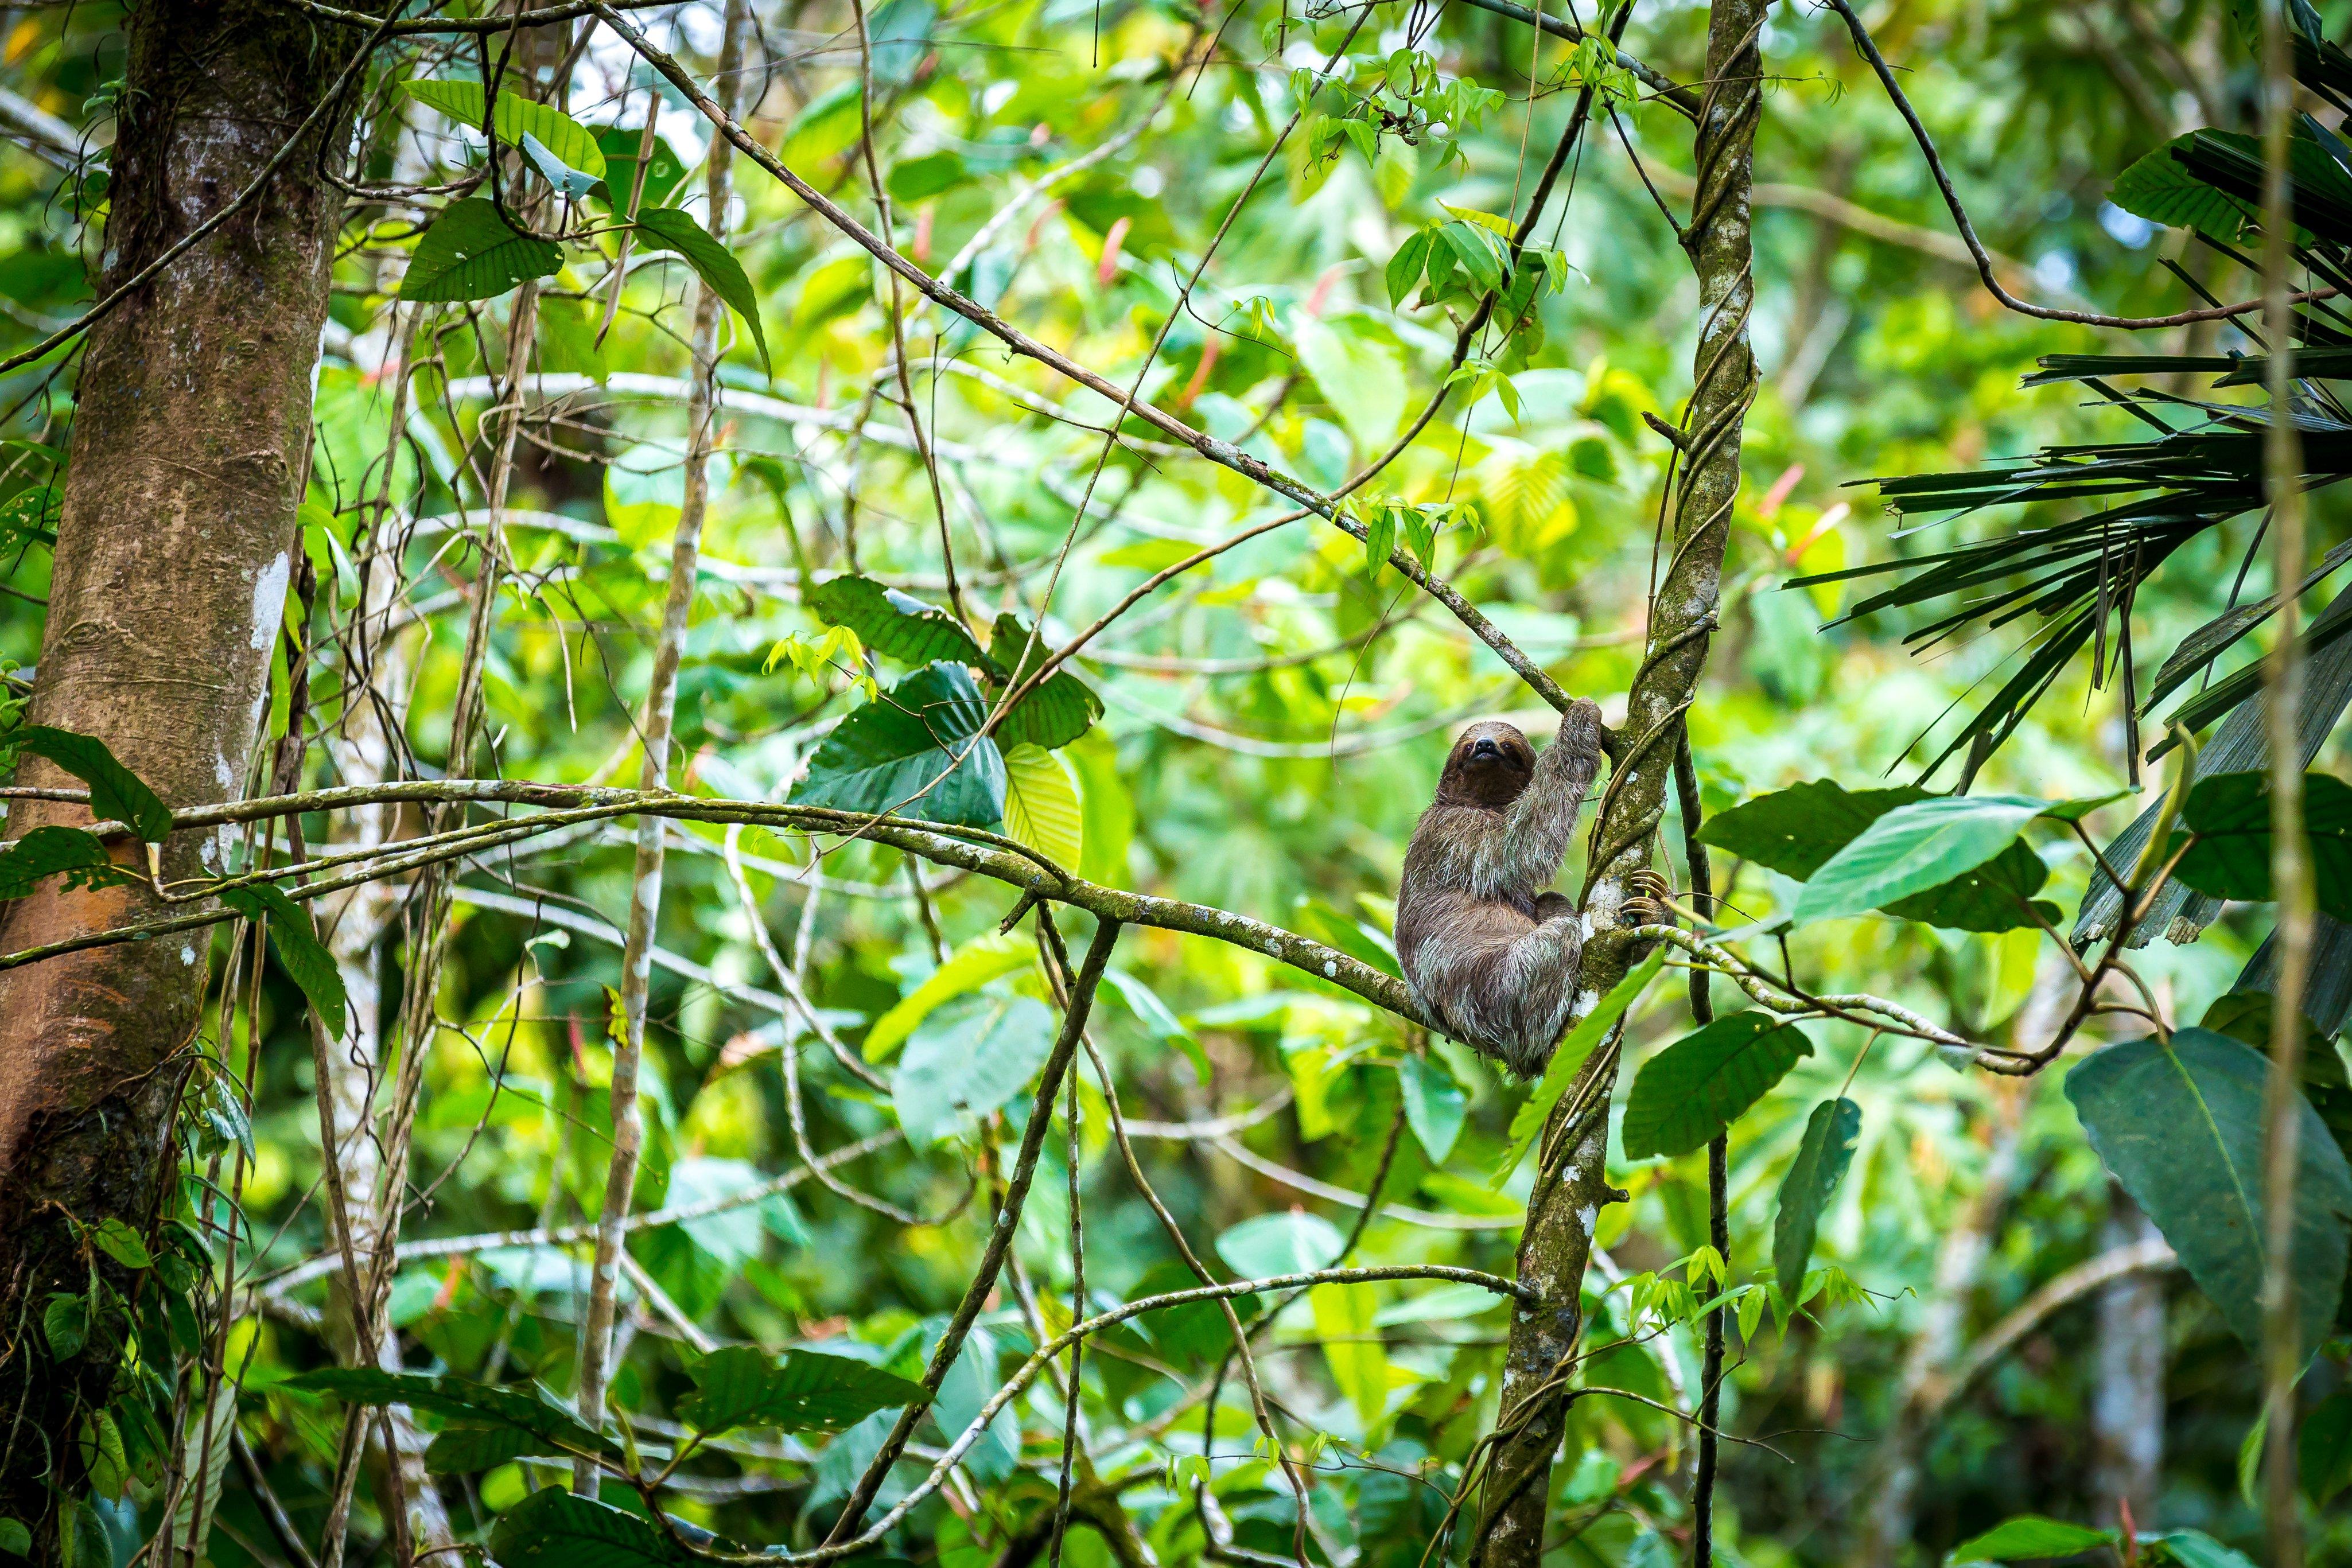 nayara-springs-wildlife-tour